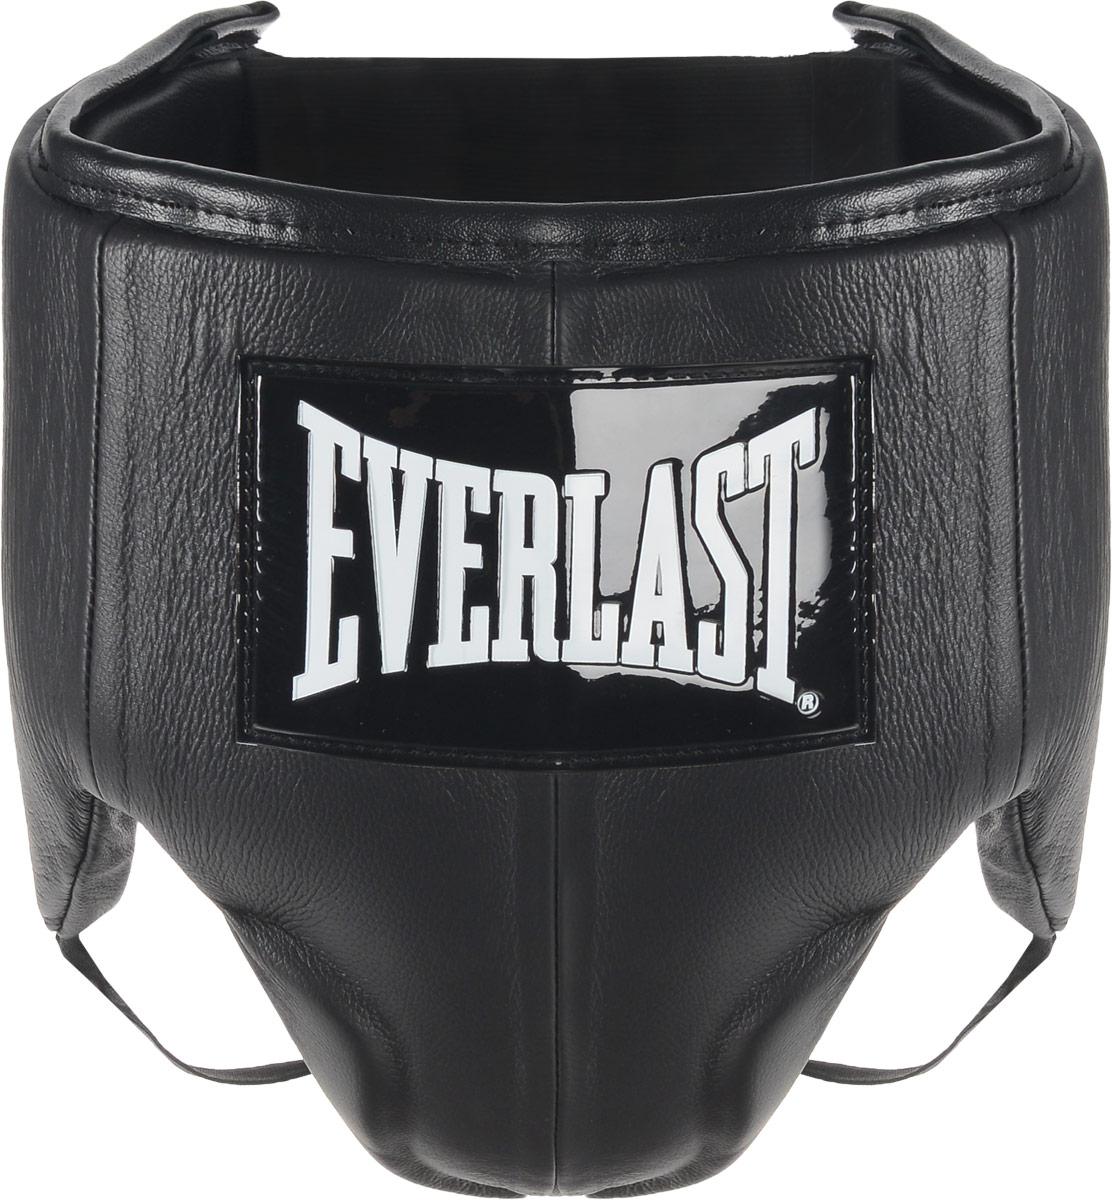 Защита паха мужская Everlast Velcro Top Pro, цвет: черный, белый. Размер XXL440801UEverlast Velcro Top Pro это удобный обтягивающий бандаж, идеально подходящий как для тренировочных спаррингов, так и для боя на ринге. Бандаж изготовлен из высококачественной натуральной кожи, а подкладка набита пенным наполнителем высокой плотности, благодаря чему достигается превосходная амортизация ударов. Усовершенствованный облегченный дизайн обеспечивает максимальную подвижность и комфорт, в то же время гарантируя безопасность и полную защиту паха и тазовой области. Удобные застежки на липучке позволят подогнать защиту под ваш размер и плотно зафиксировать ее на теле. Максимальный обхват: 121 см.Минимальный обхват: 108 см.